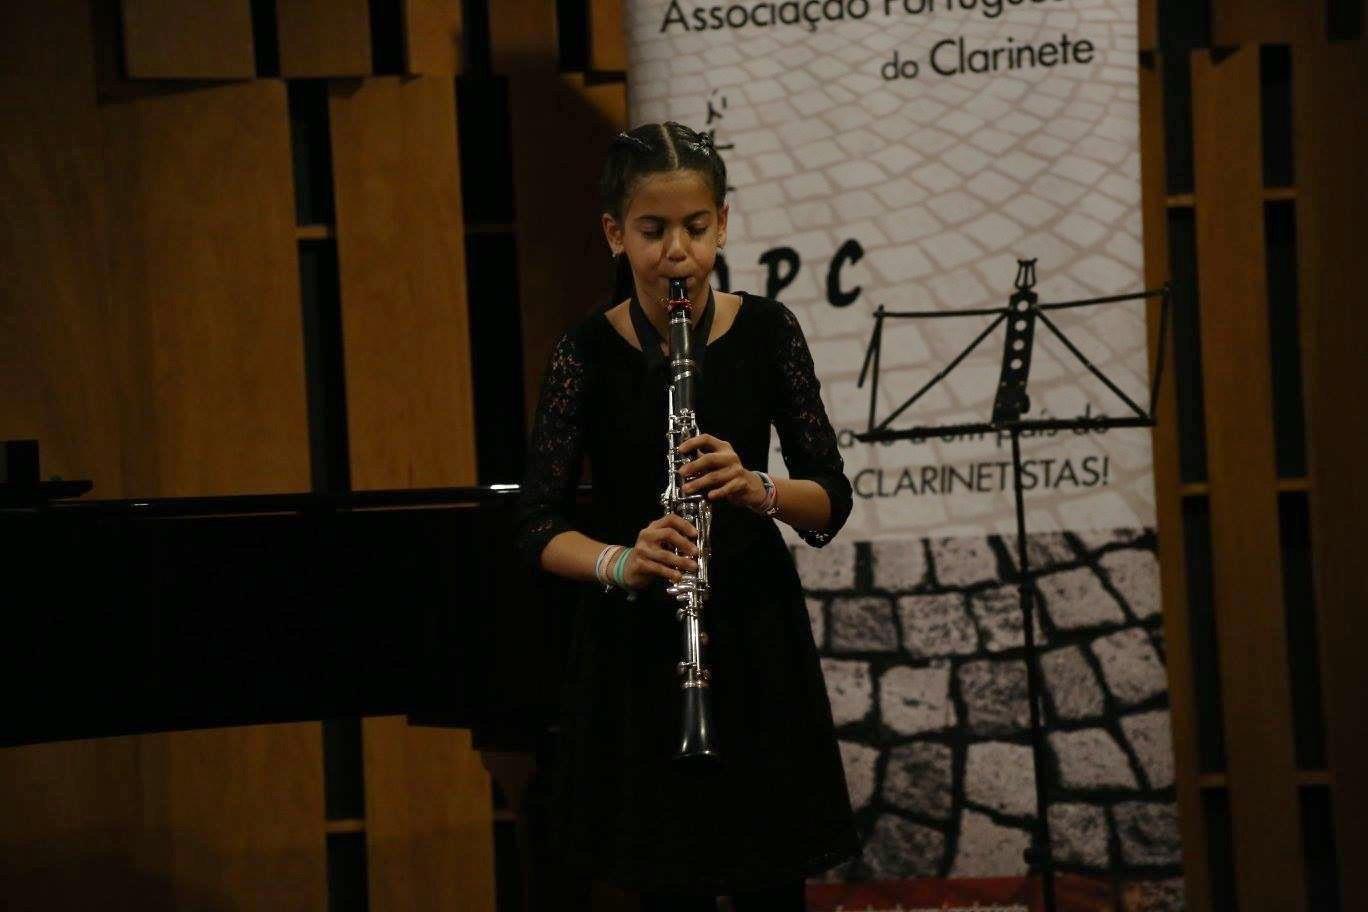 VI Concurso Nacional De   Jovens  Clarinetistas 17 de dezembro de 2016 Categoria Infantil– 1º Prémio Carolina Neves